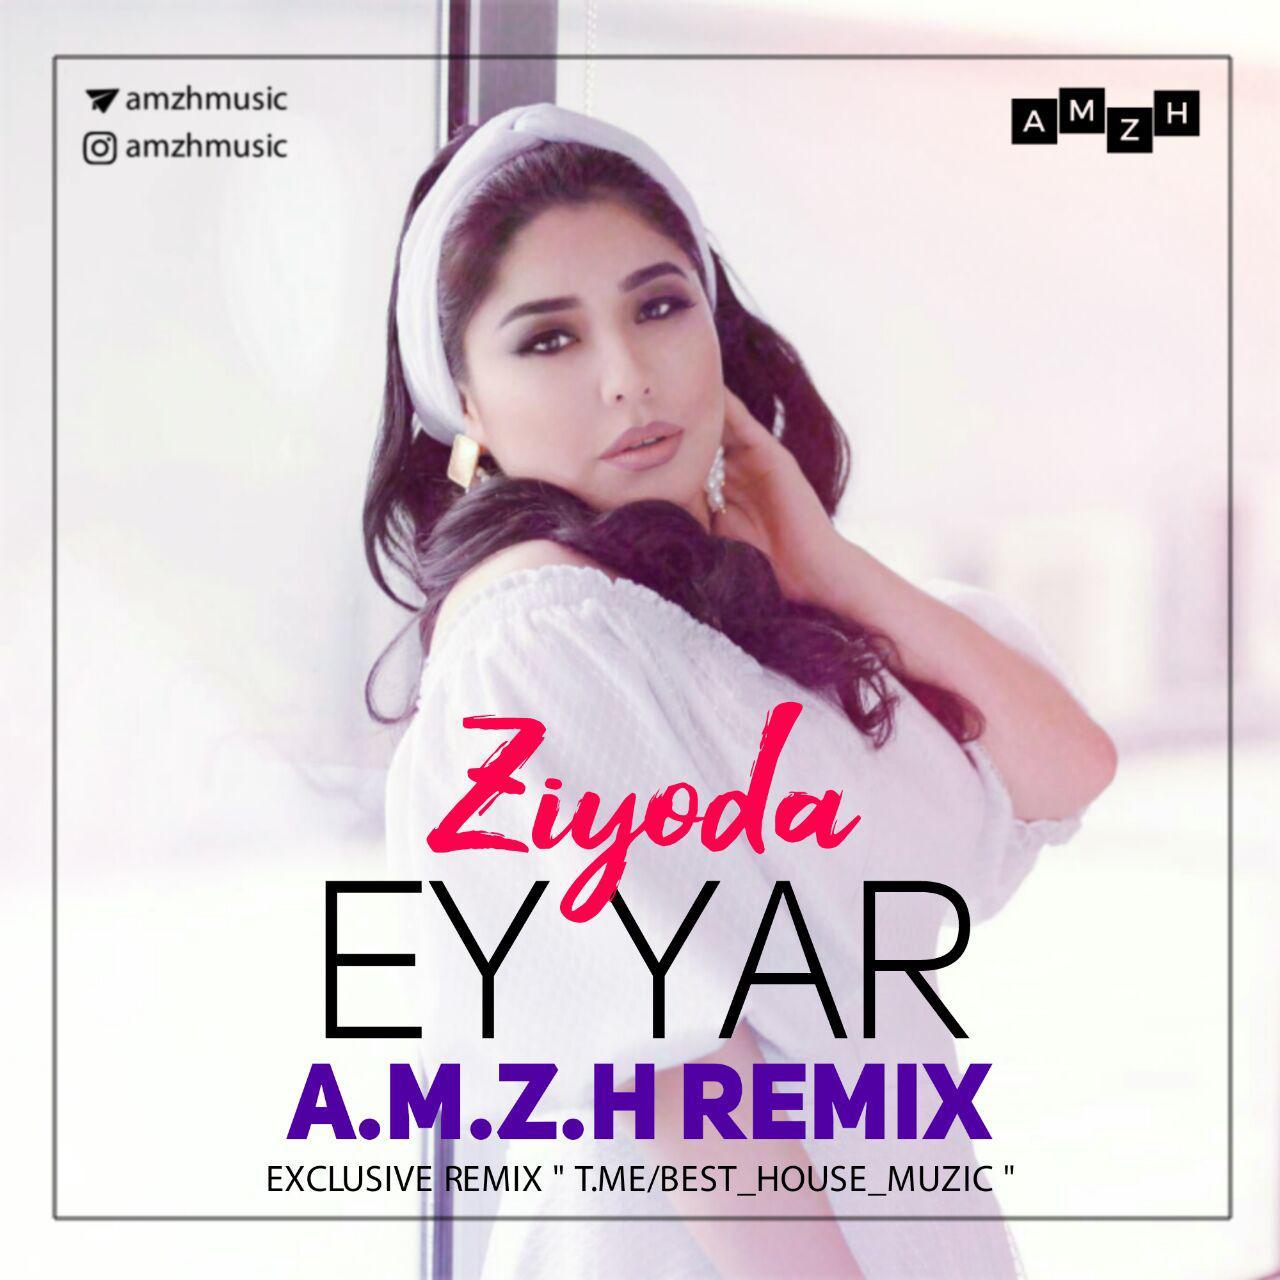 ریمیکس آهنگ معروف ای یار از خواننده خوش صدای ازبکی Ziyoda